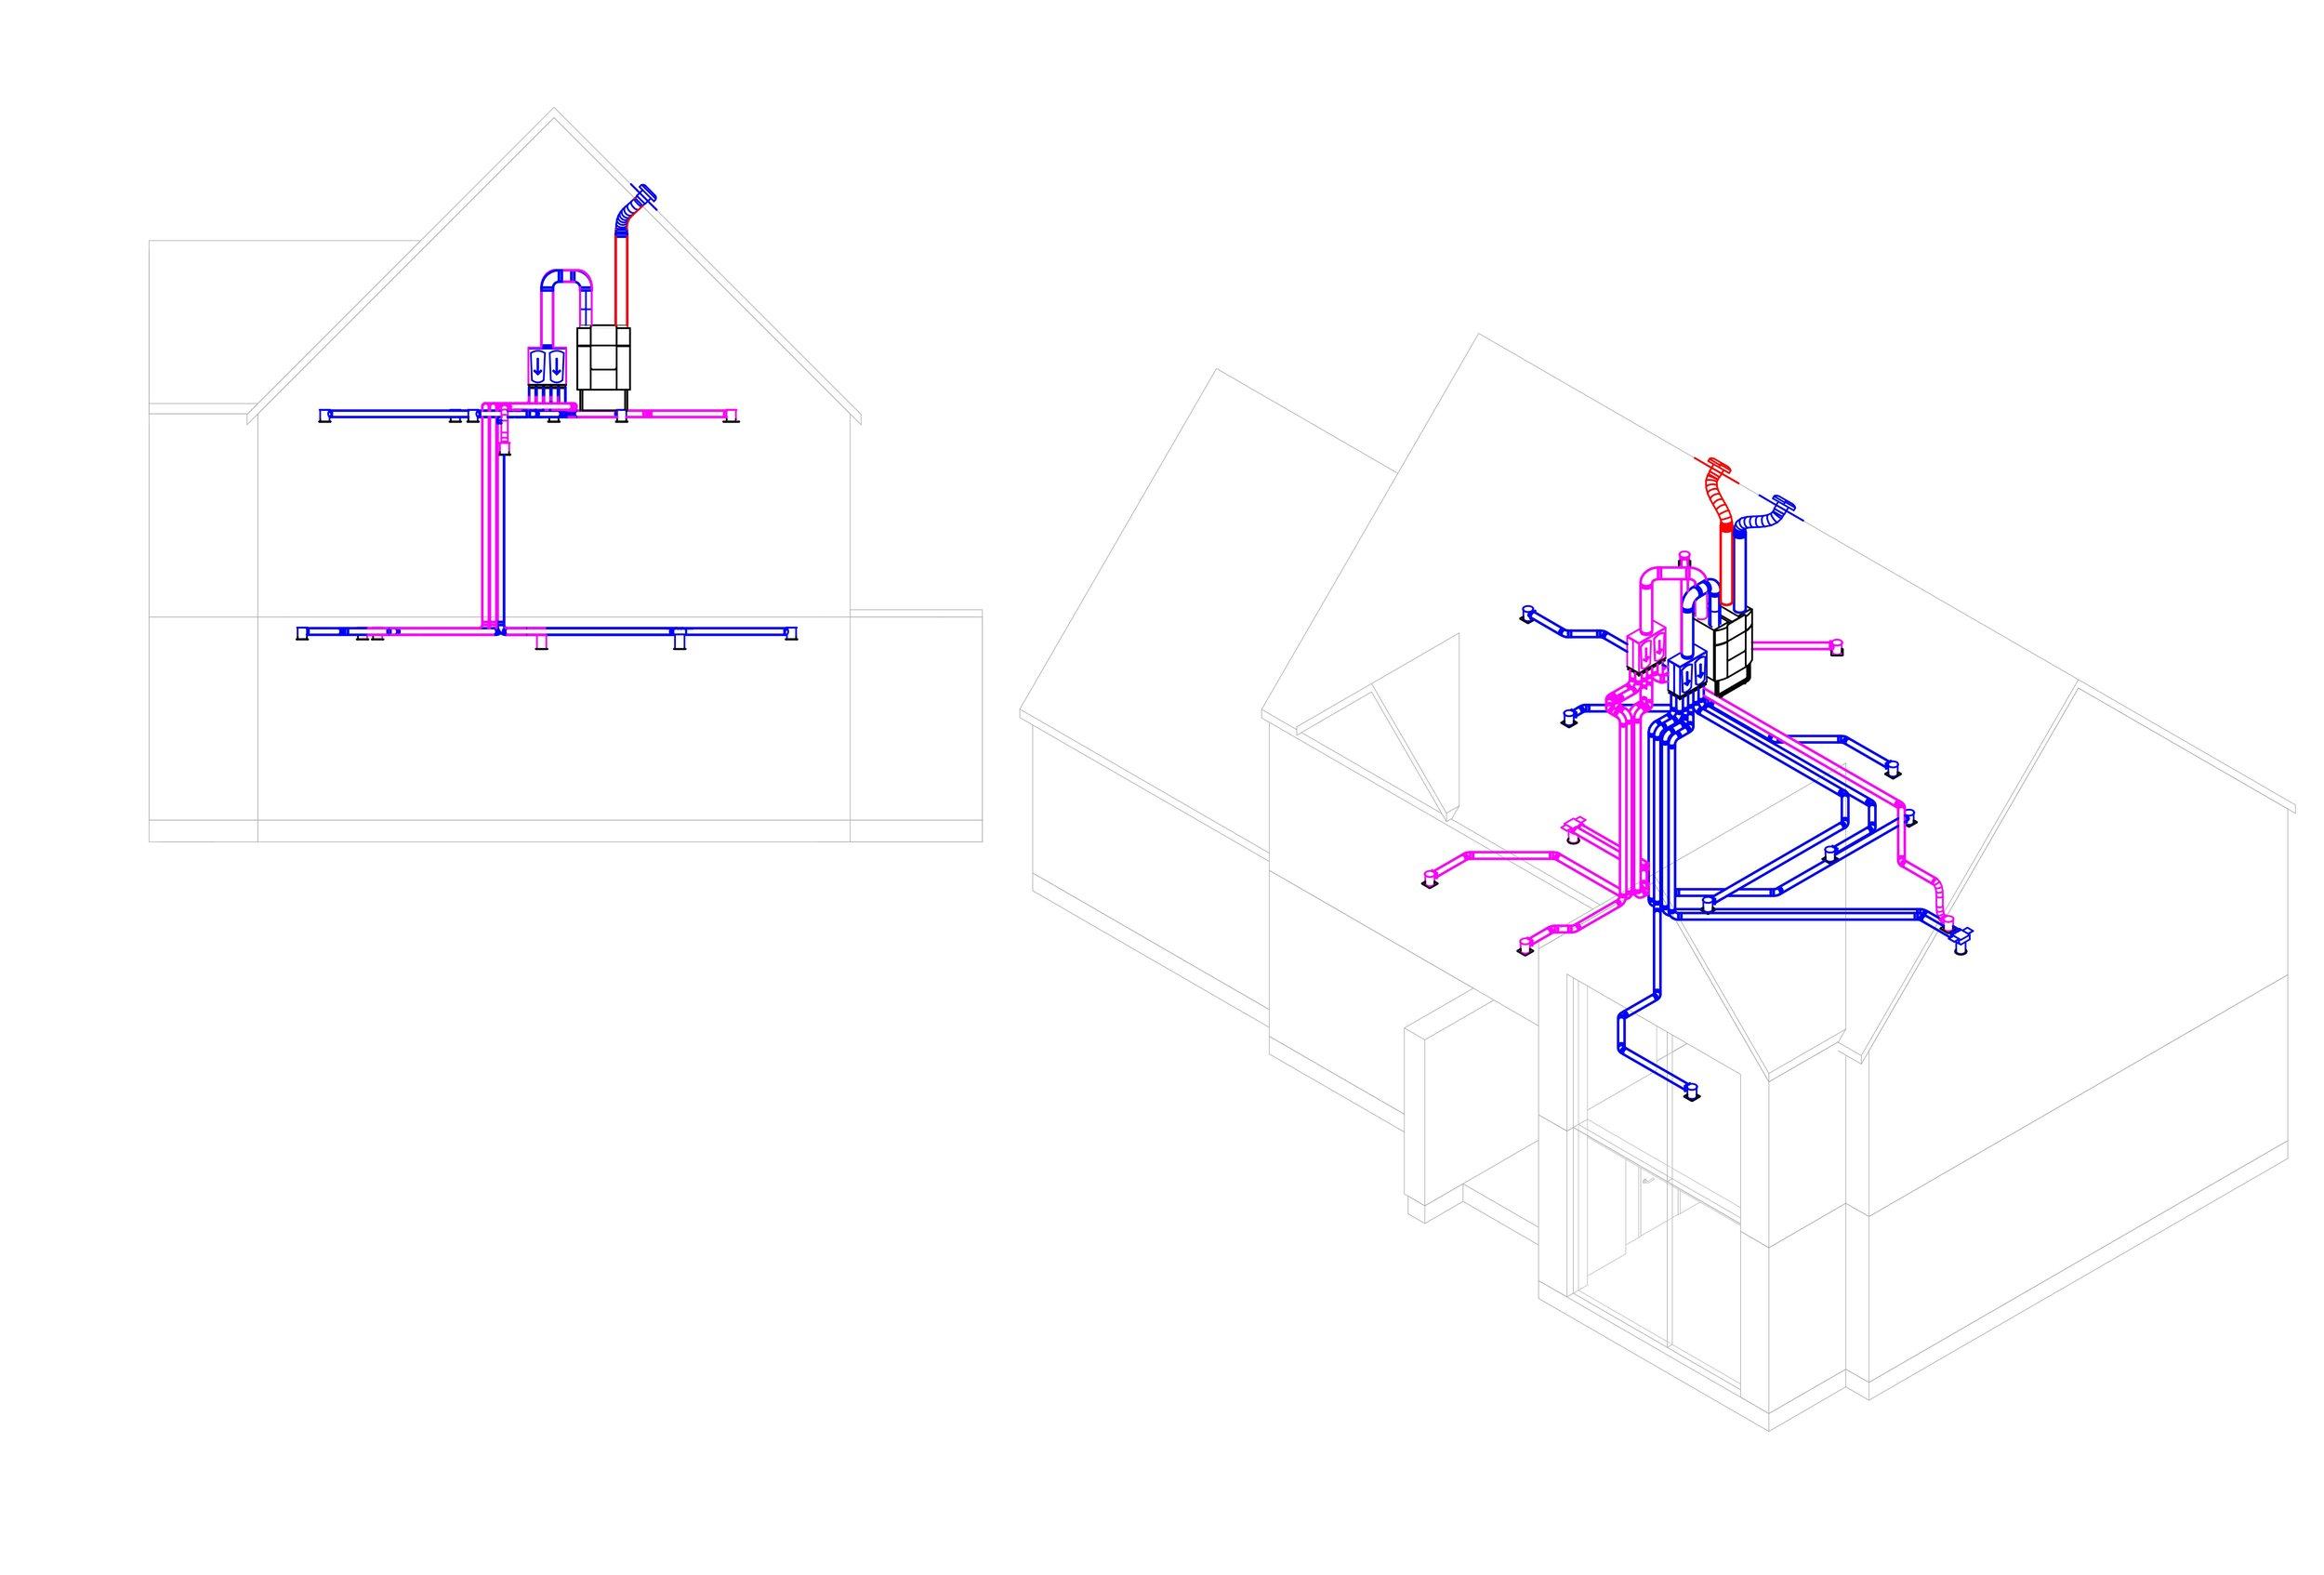 bespoke ventilation system design image